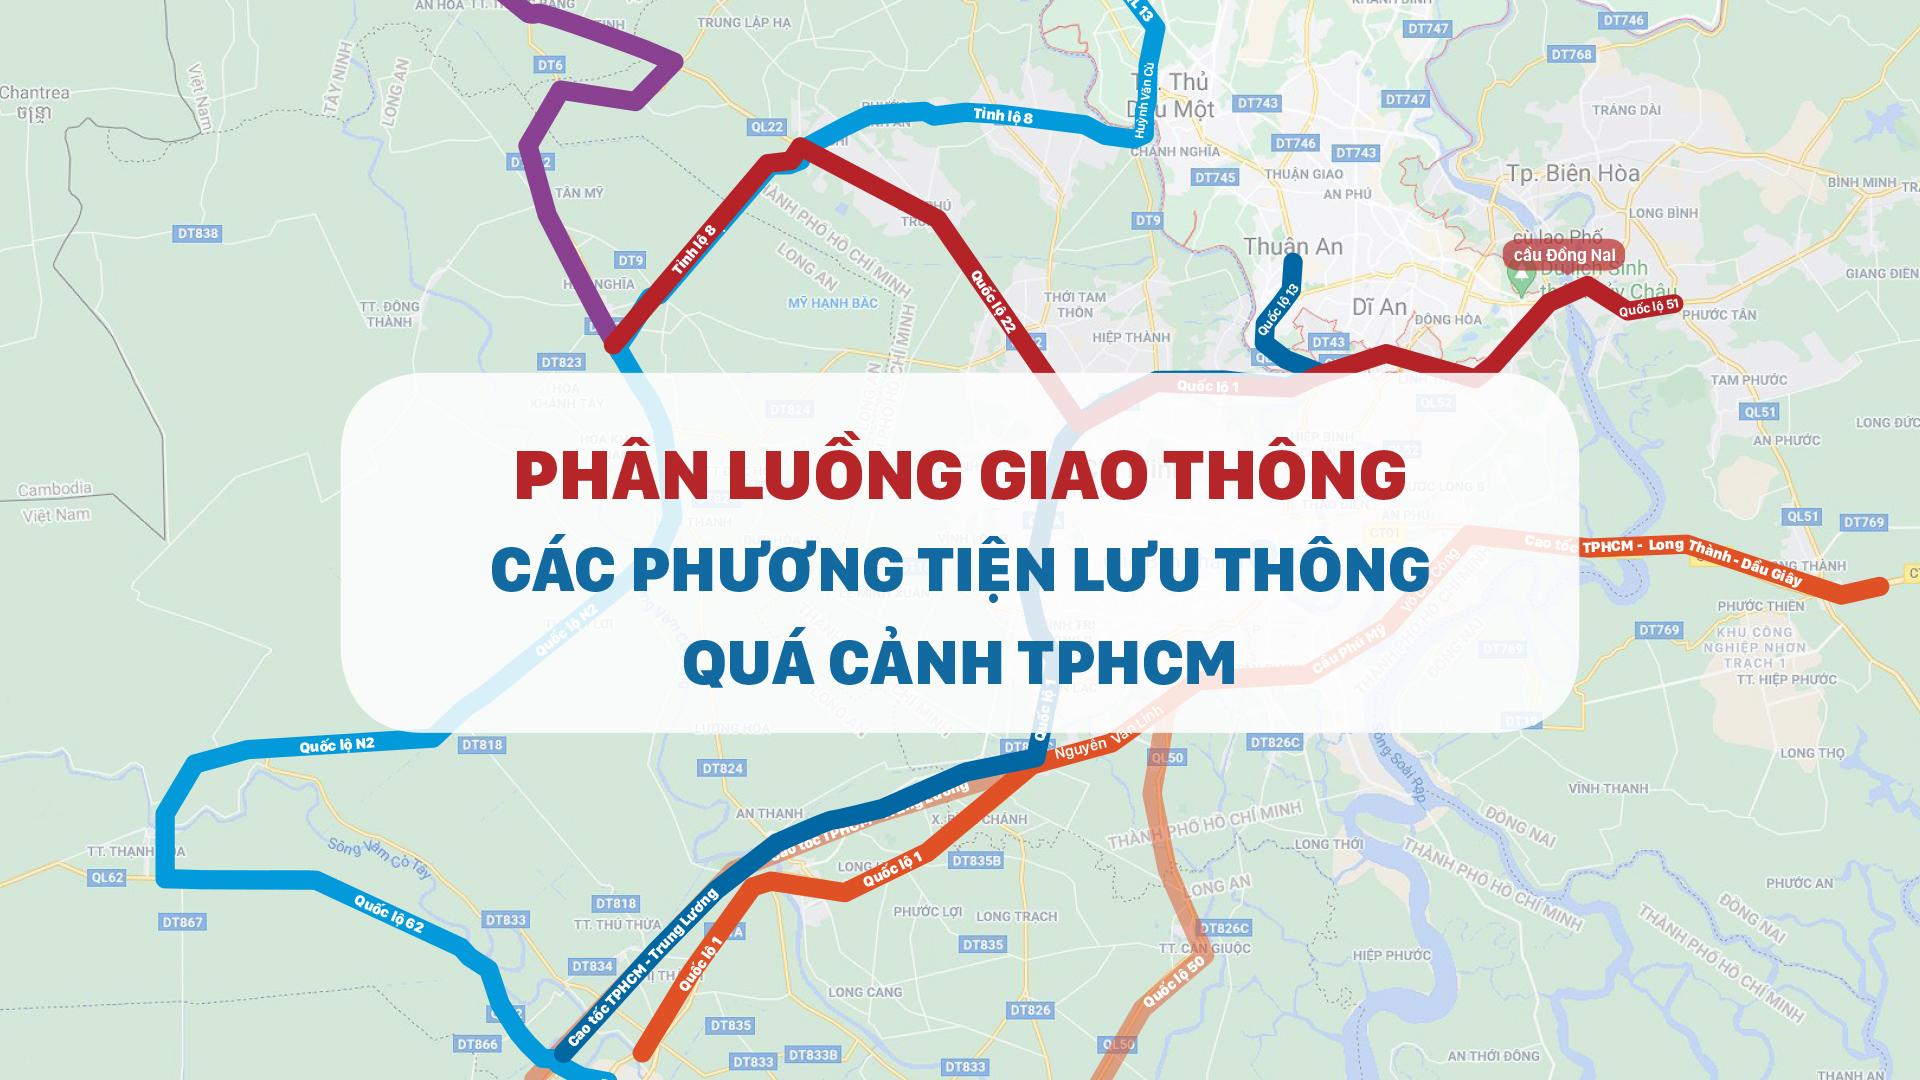 Phân luồng giao thông các phương tiện lưu thông quá cảnh TPHCM